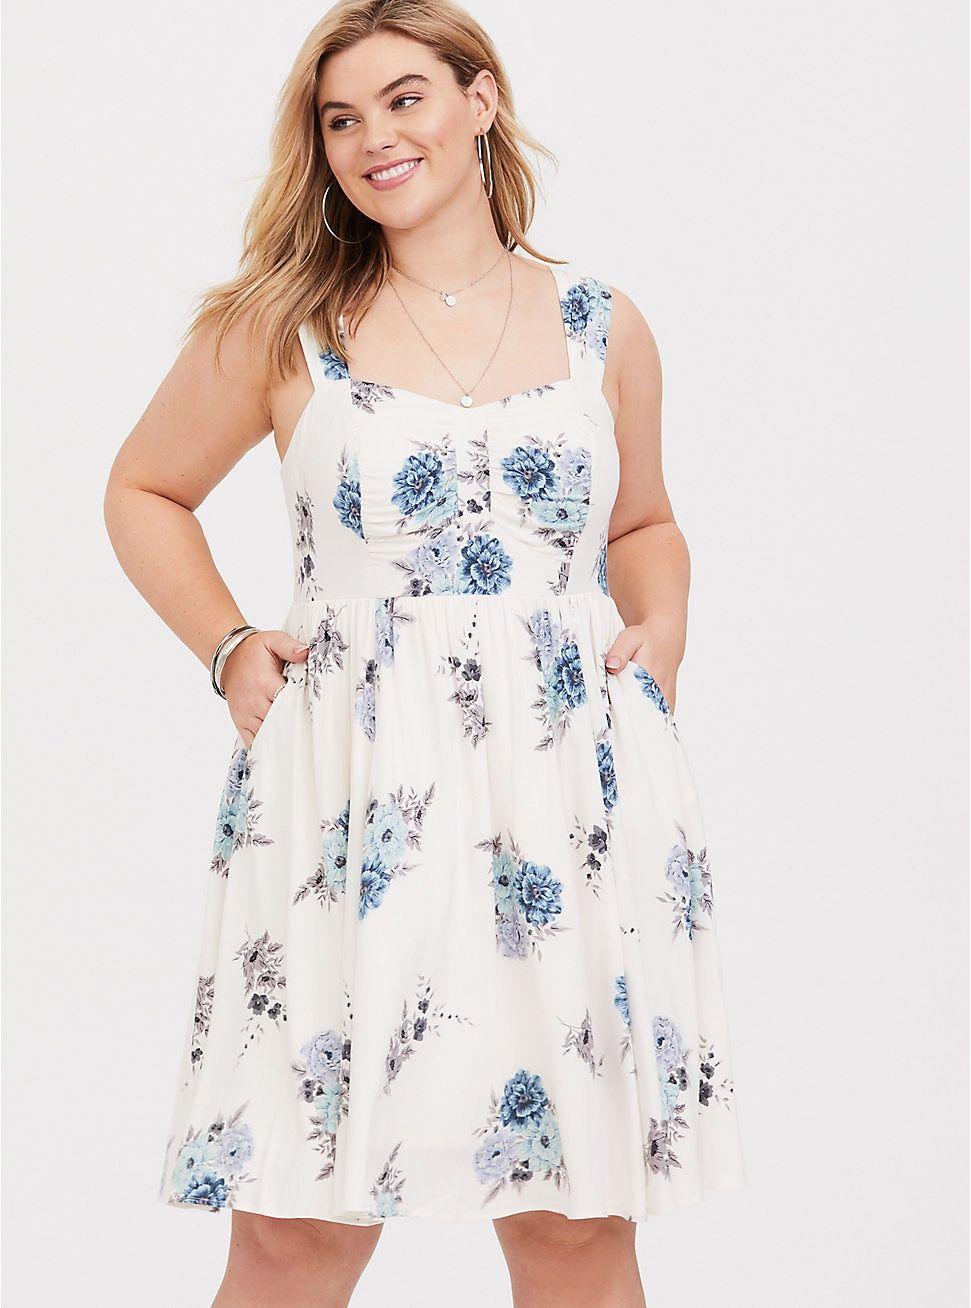 Plus Size Ivory Blue Floral Challis Mini Dress Plus Size Dresses Mini Dress Dresses [ 1308 x 971 Pixel ]